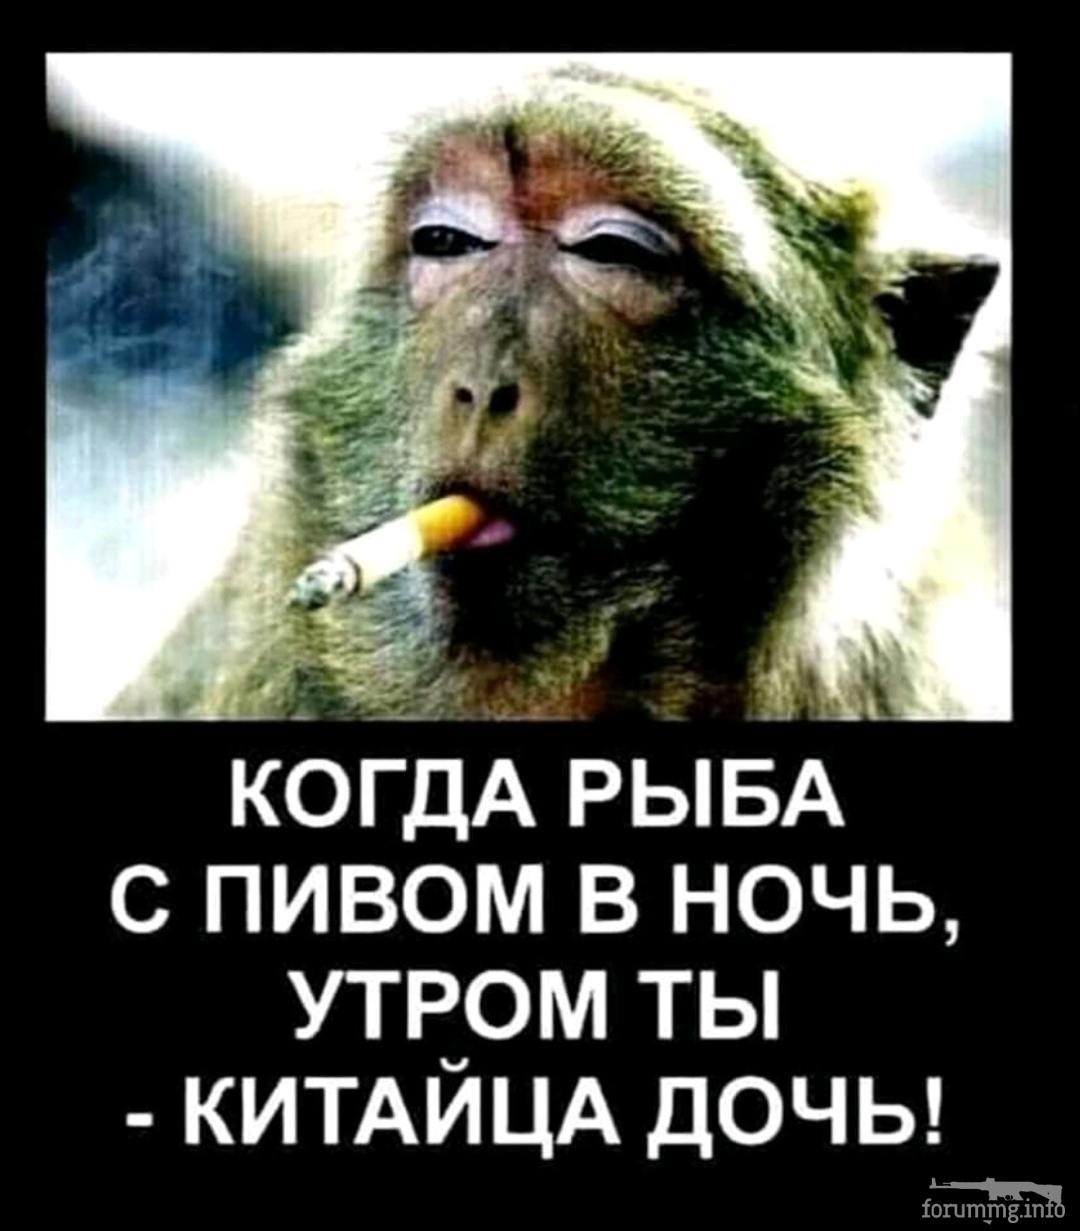 139759 - Пить или не пить? - пятничная алкогольная тема )))